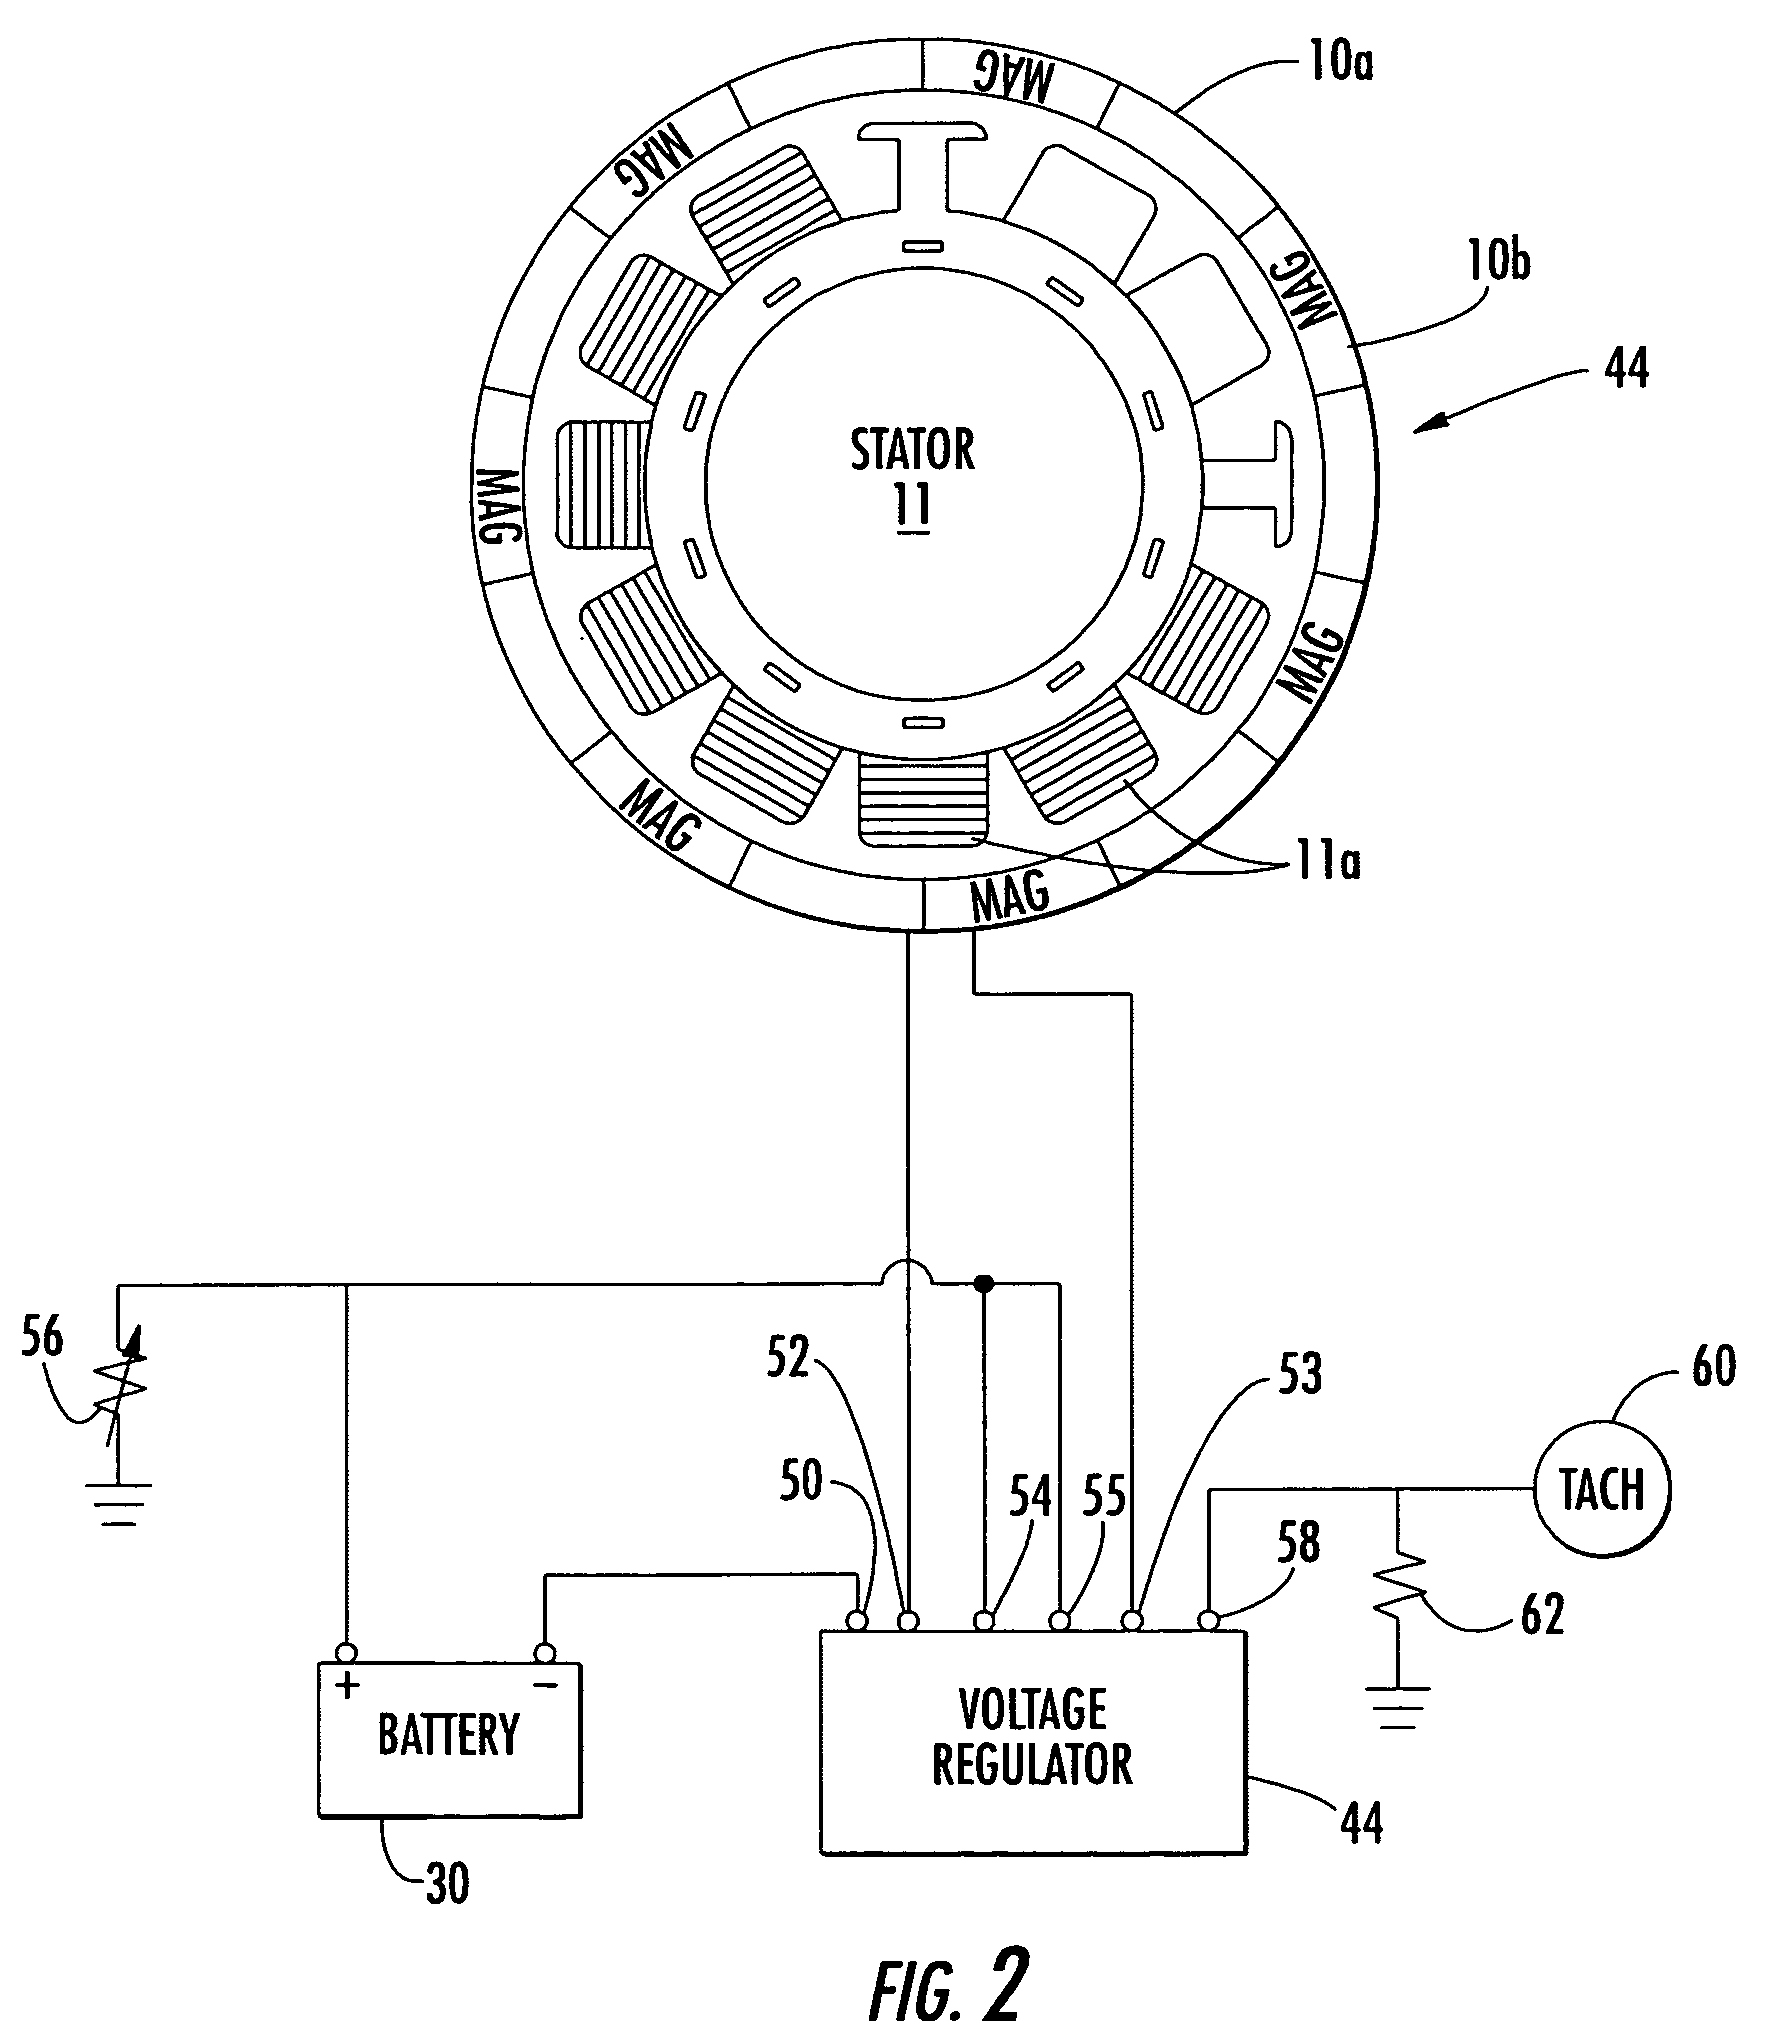 Ezgo Textron Wiring Diagram 1957 Chevy Tail Light Wiring Diagram – Ezgo Textron Wiring Diagram